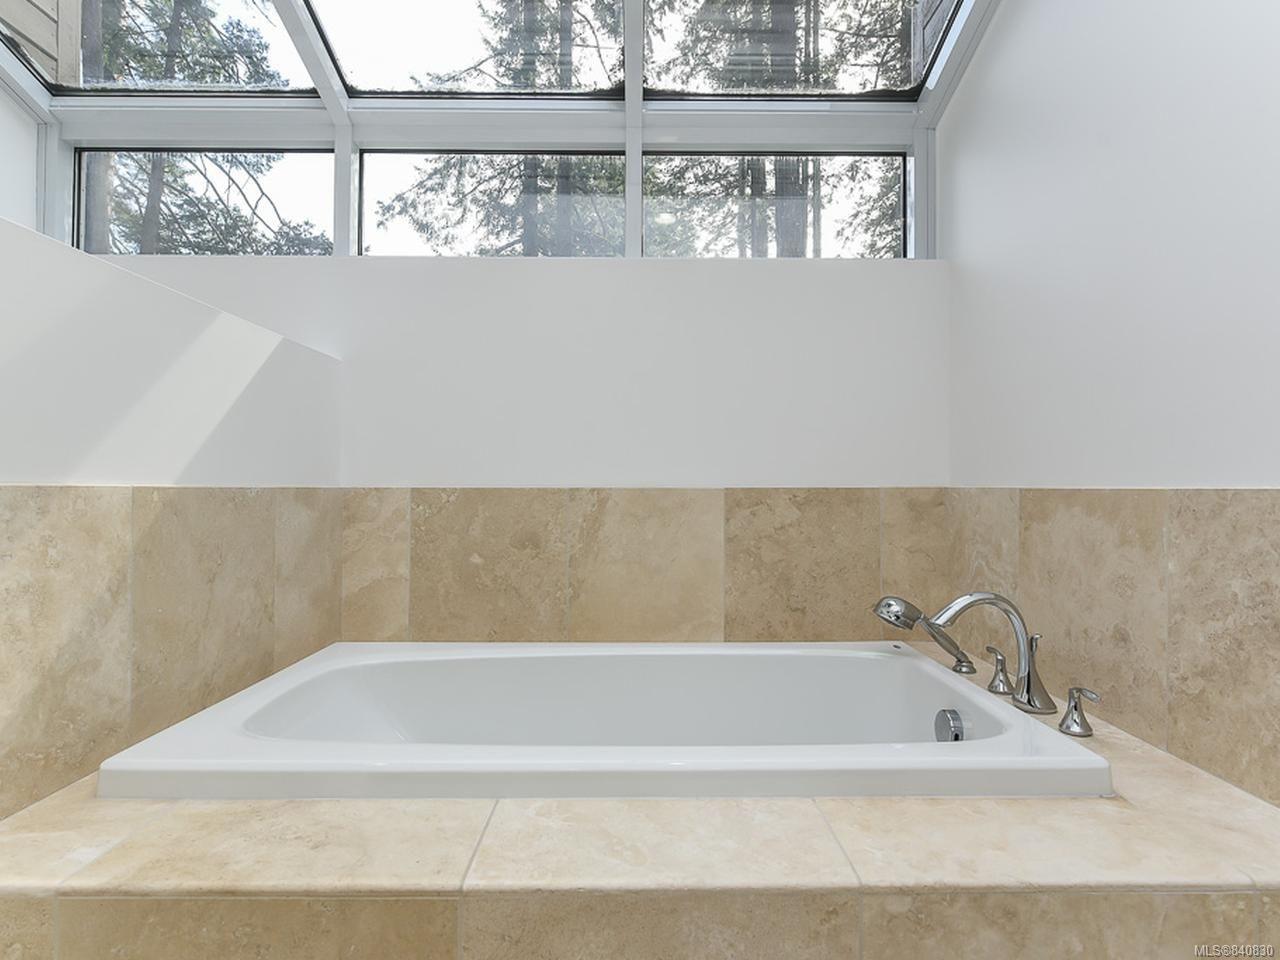 Photo 29: Photos: 1156 Moore Rd in COMOX: CV Comox Peninsula House for sale (Comox Valley)  : MLS®# 840830